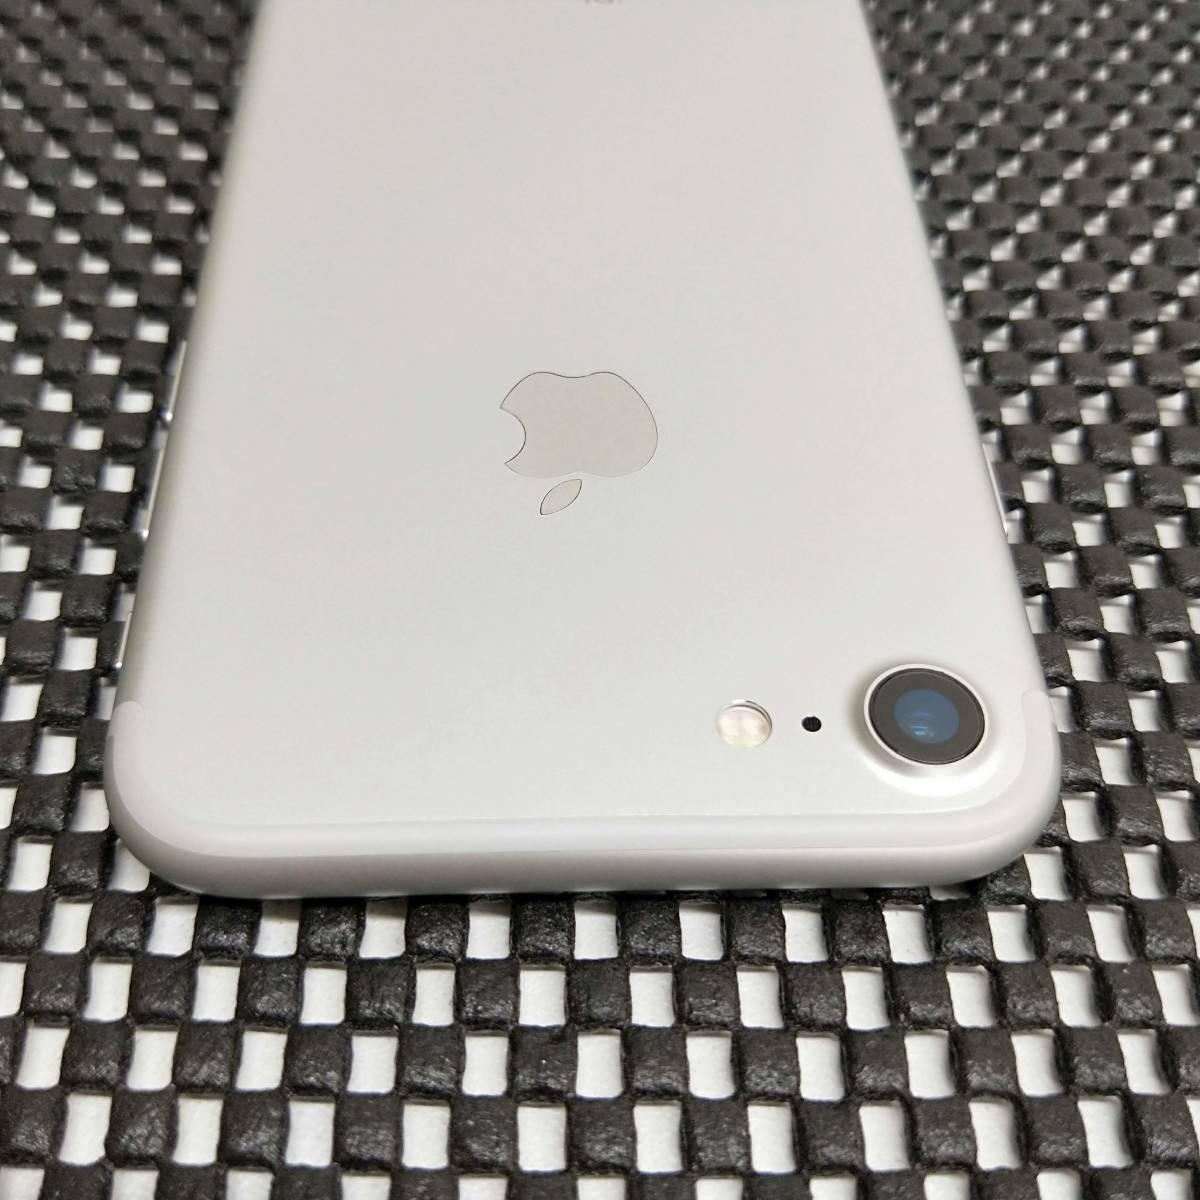 【未使用品】SB版 iPhone 7 32GB Silver <本体のみ> #063_画像5